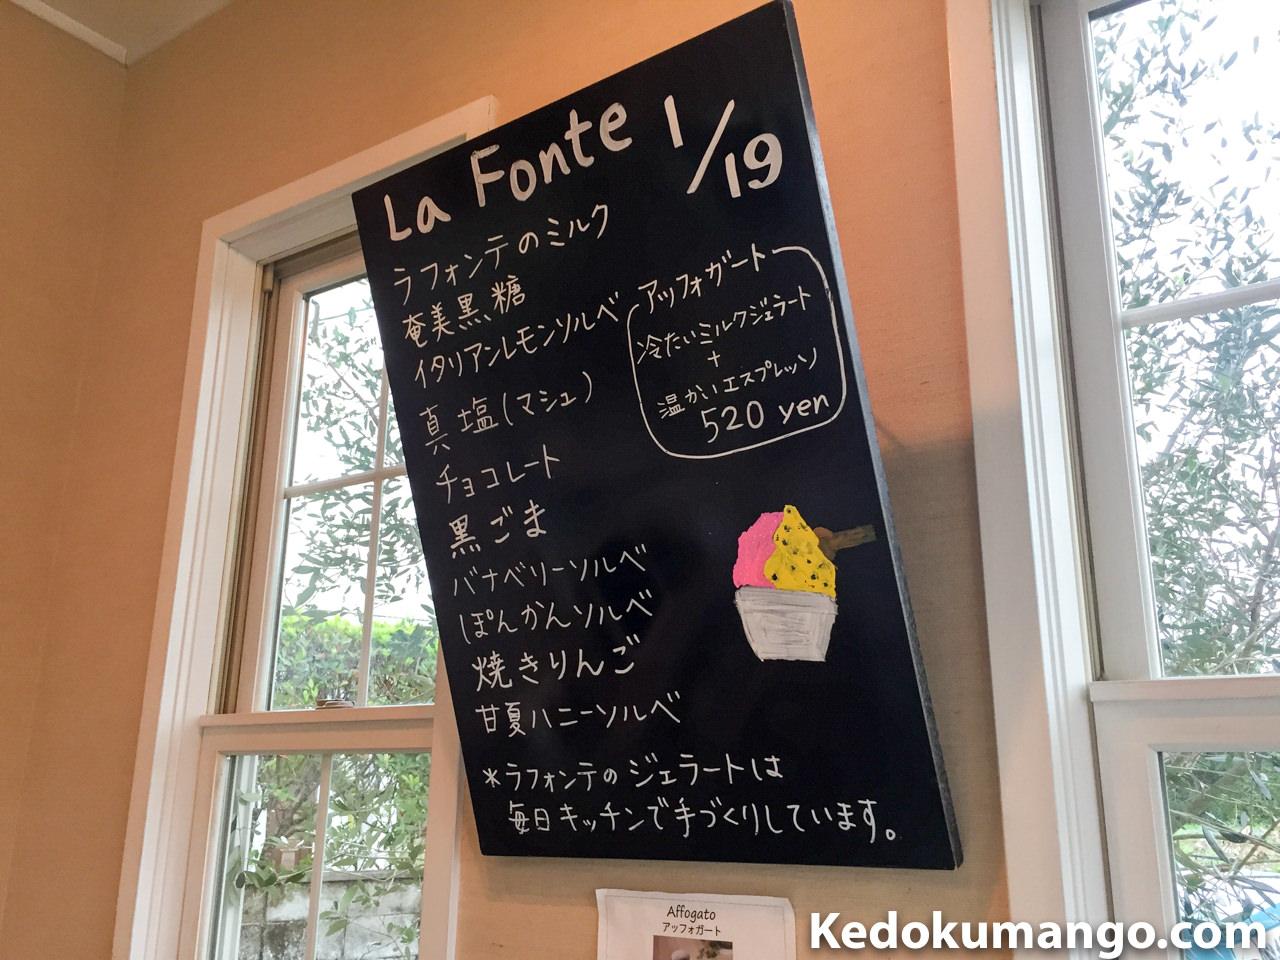 「Lafonte(ラフォンテ)」のメニューボード